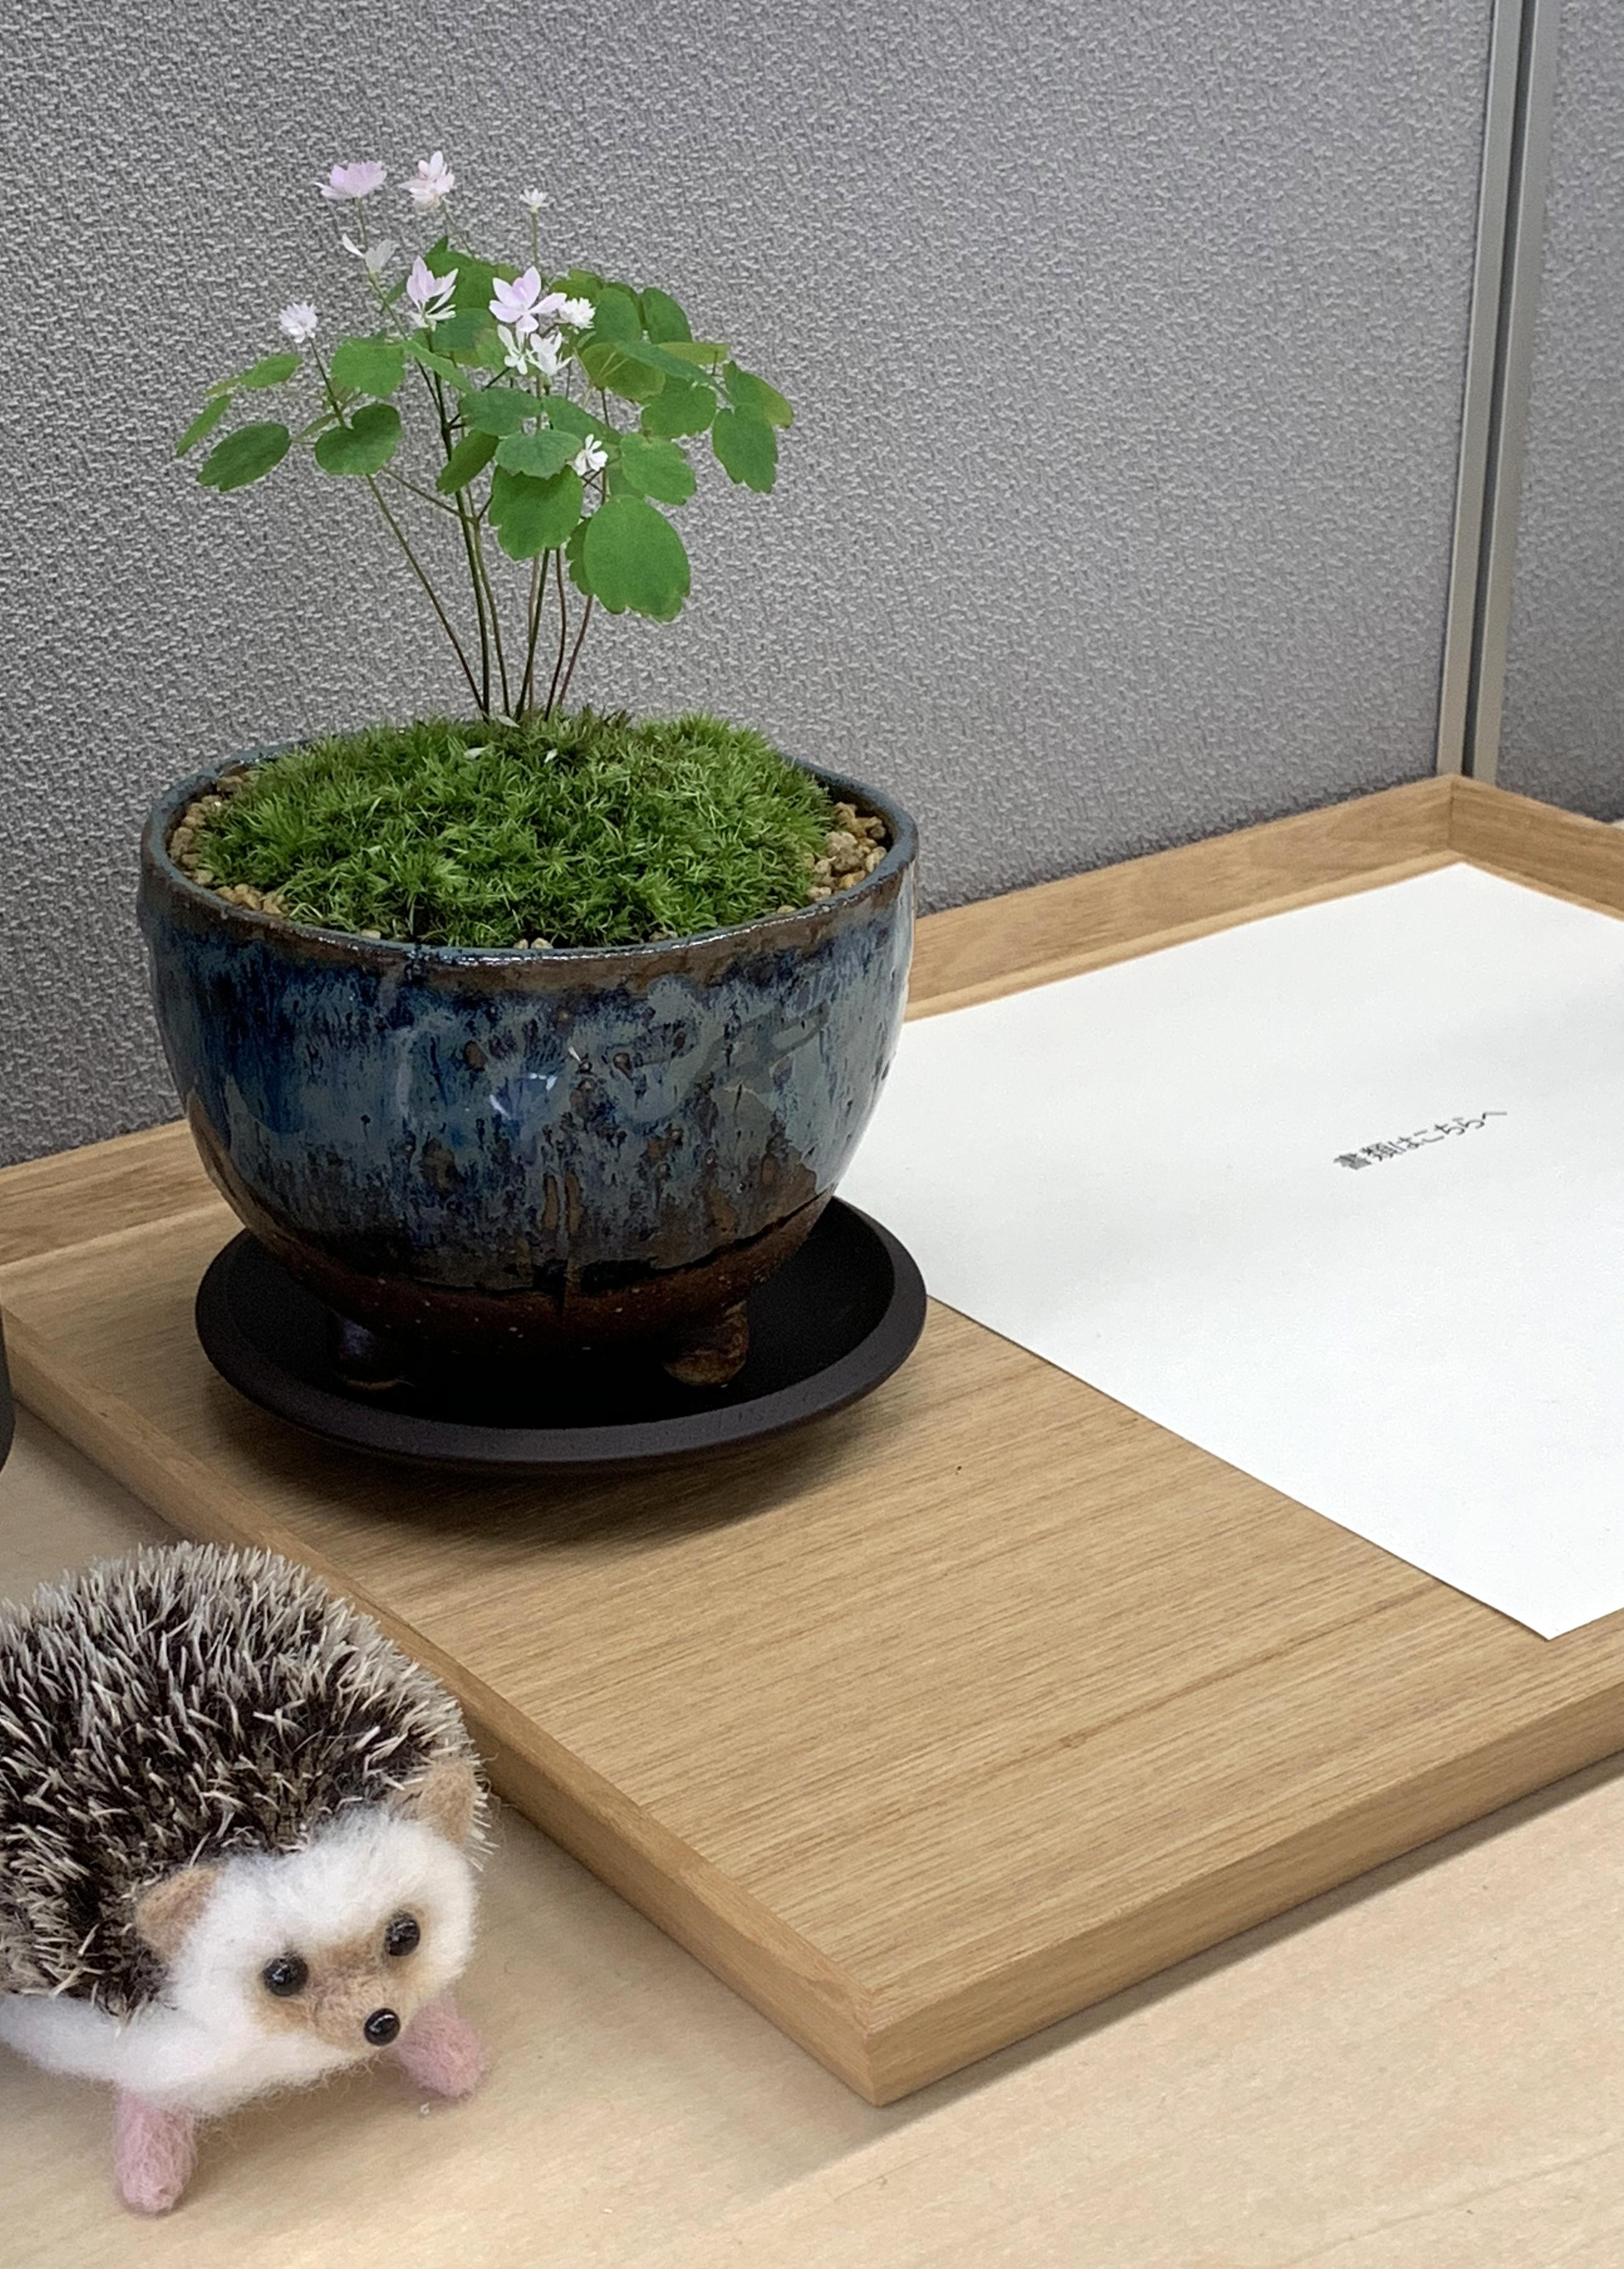 会社のデスクに苔盆栽